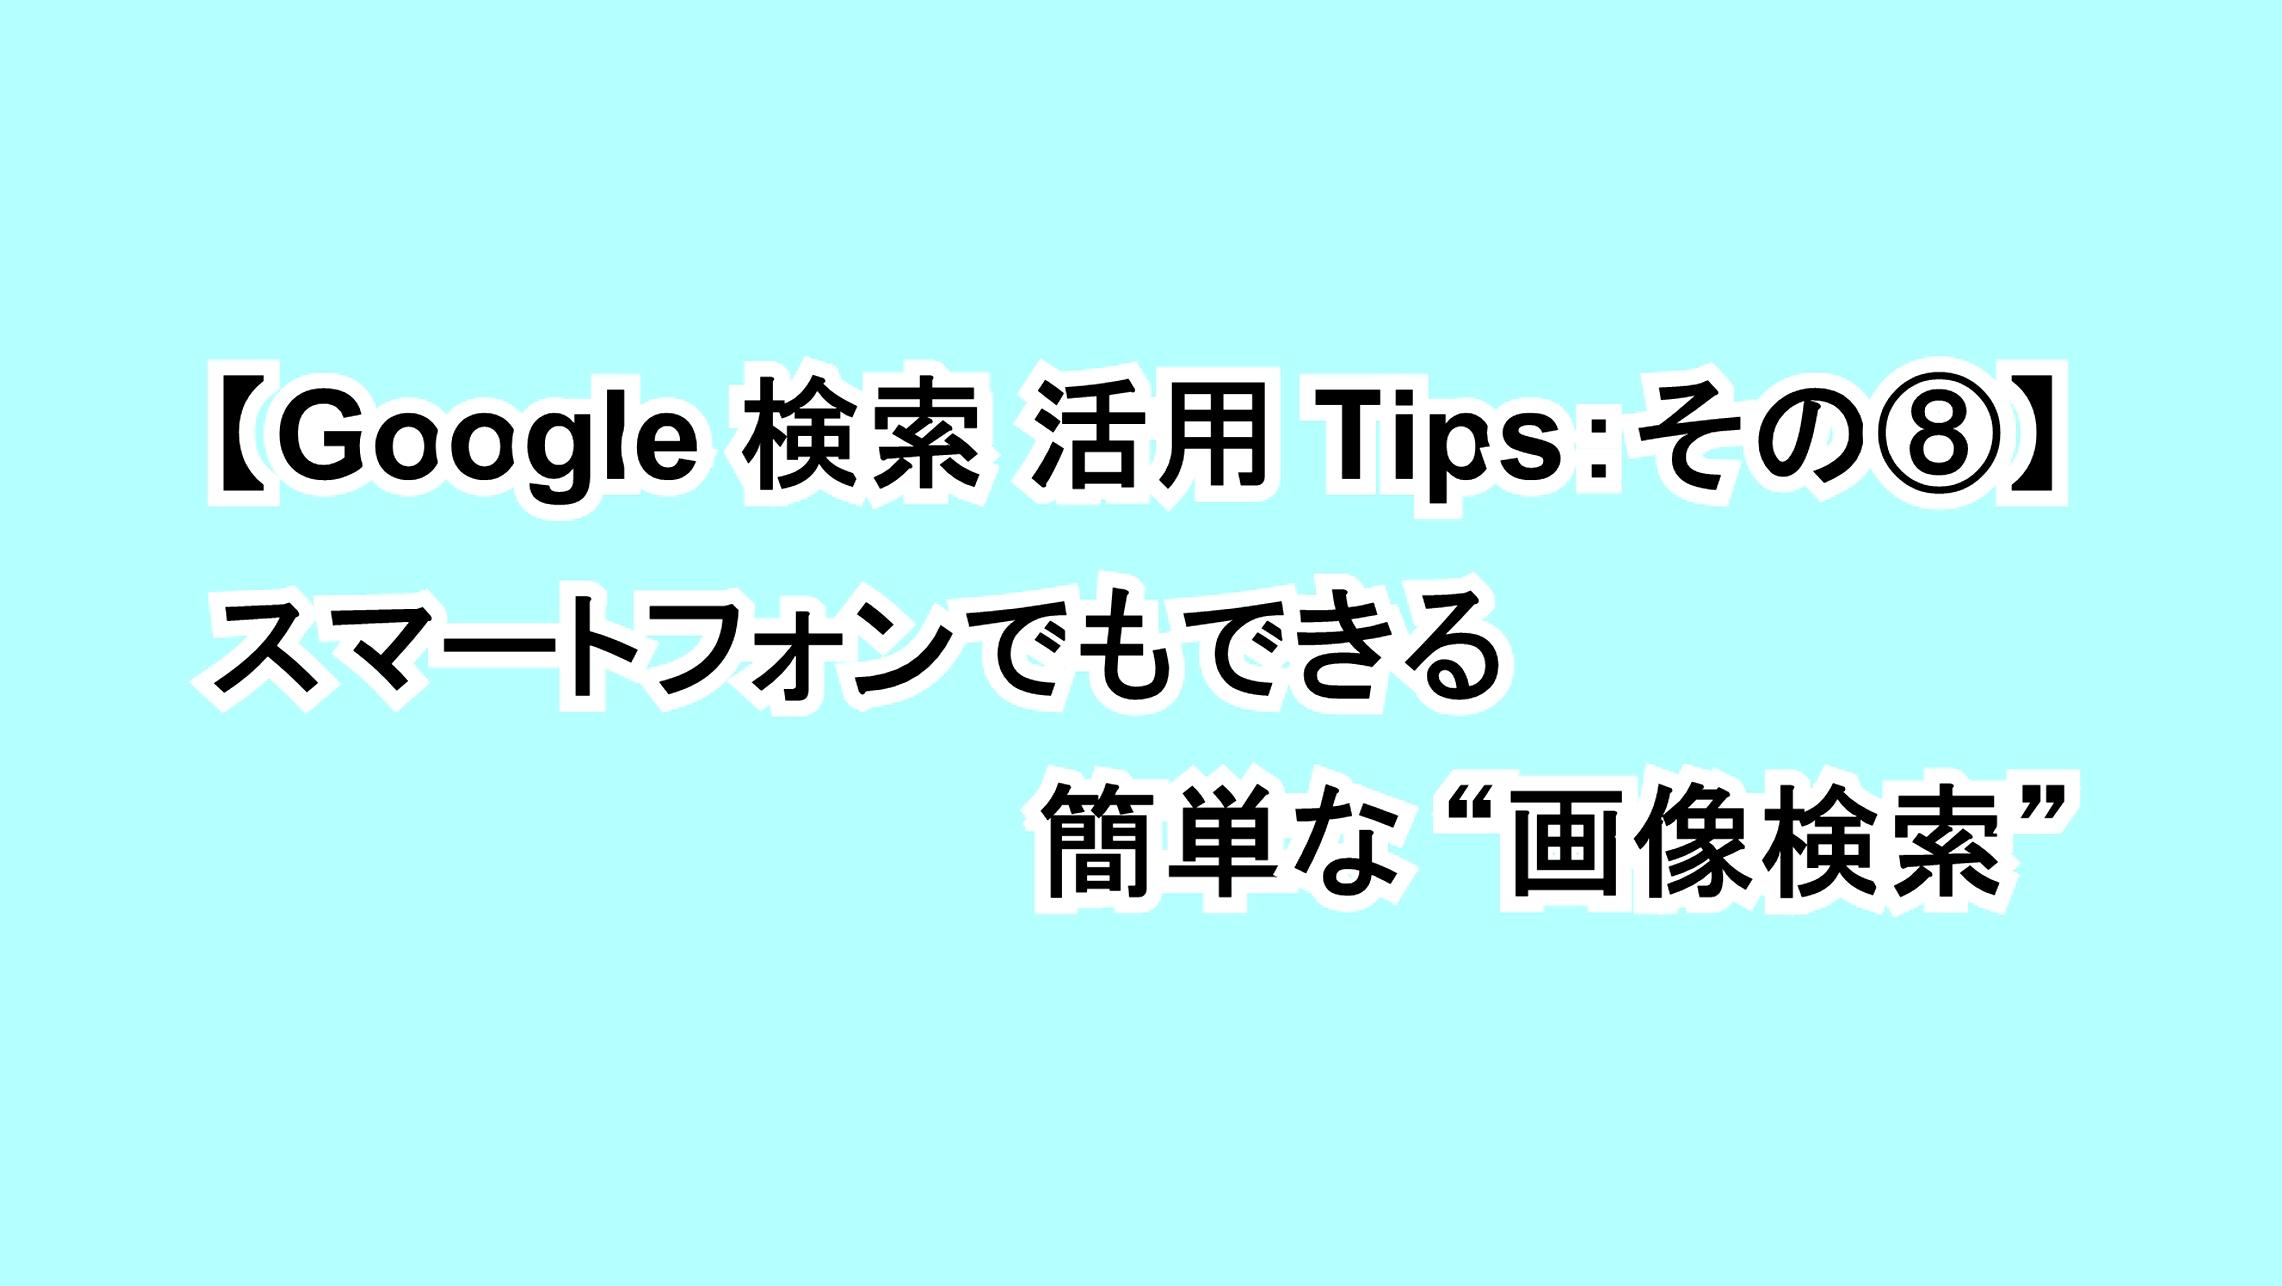 """【Google 検索活用Tips:その⑧】スマートフォンでもできる簡単な""""画像検索"""""""